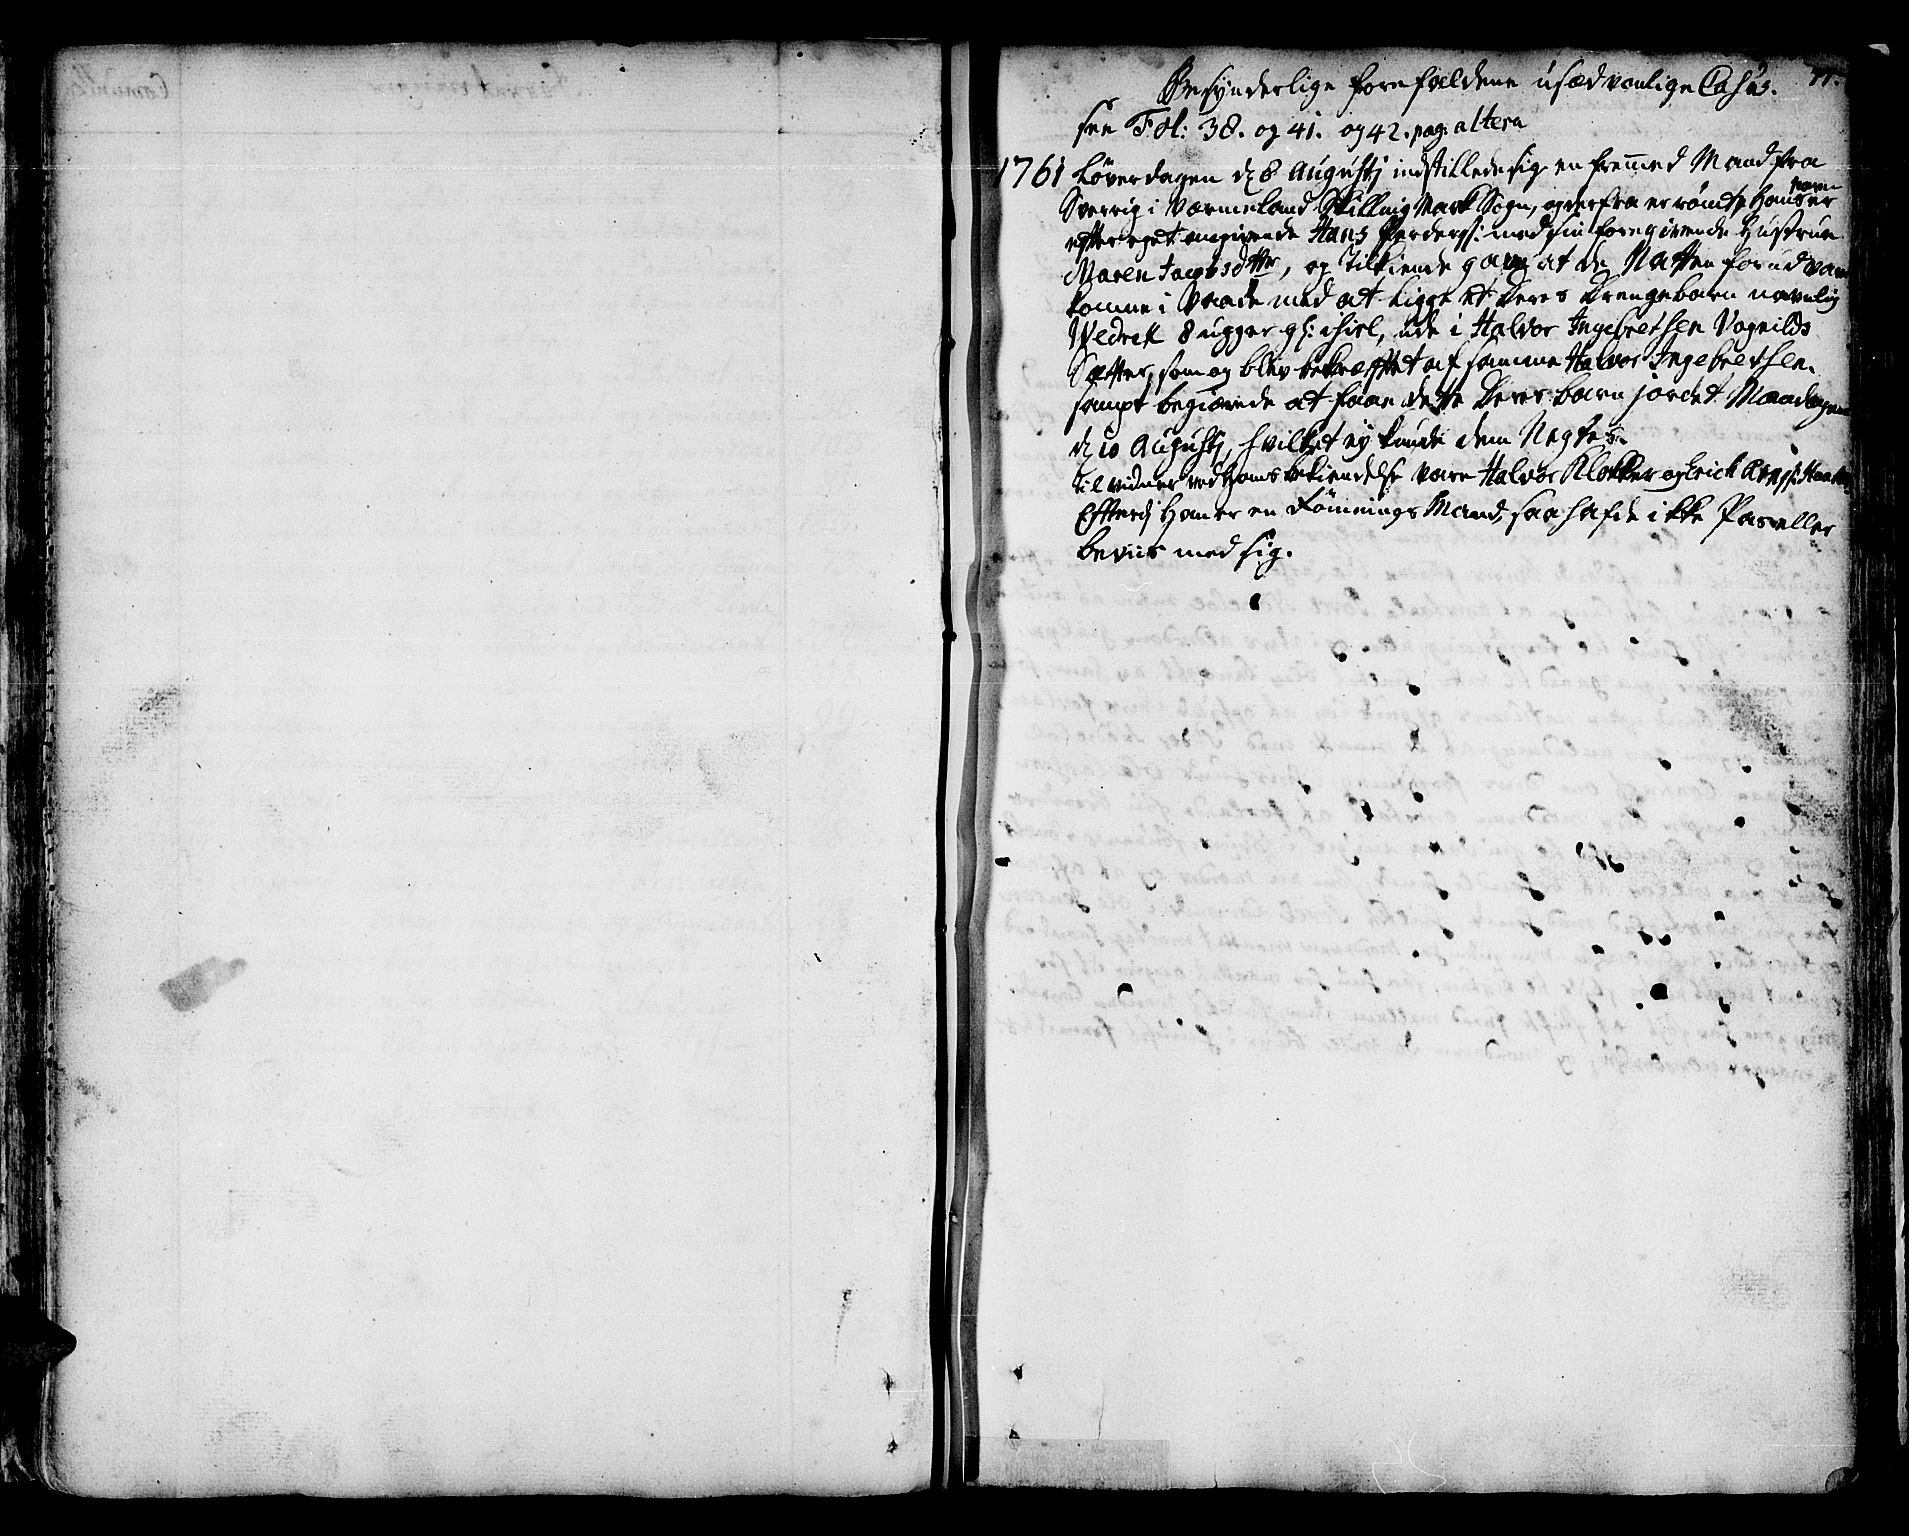 SAT, Ministerialprotokoller, klokkerbøker og fødselsregistre - Sør-Trøndelag, 678/L0891: Ministerialbok nr. 678A01, 1739-1780, s. 77